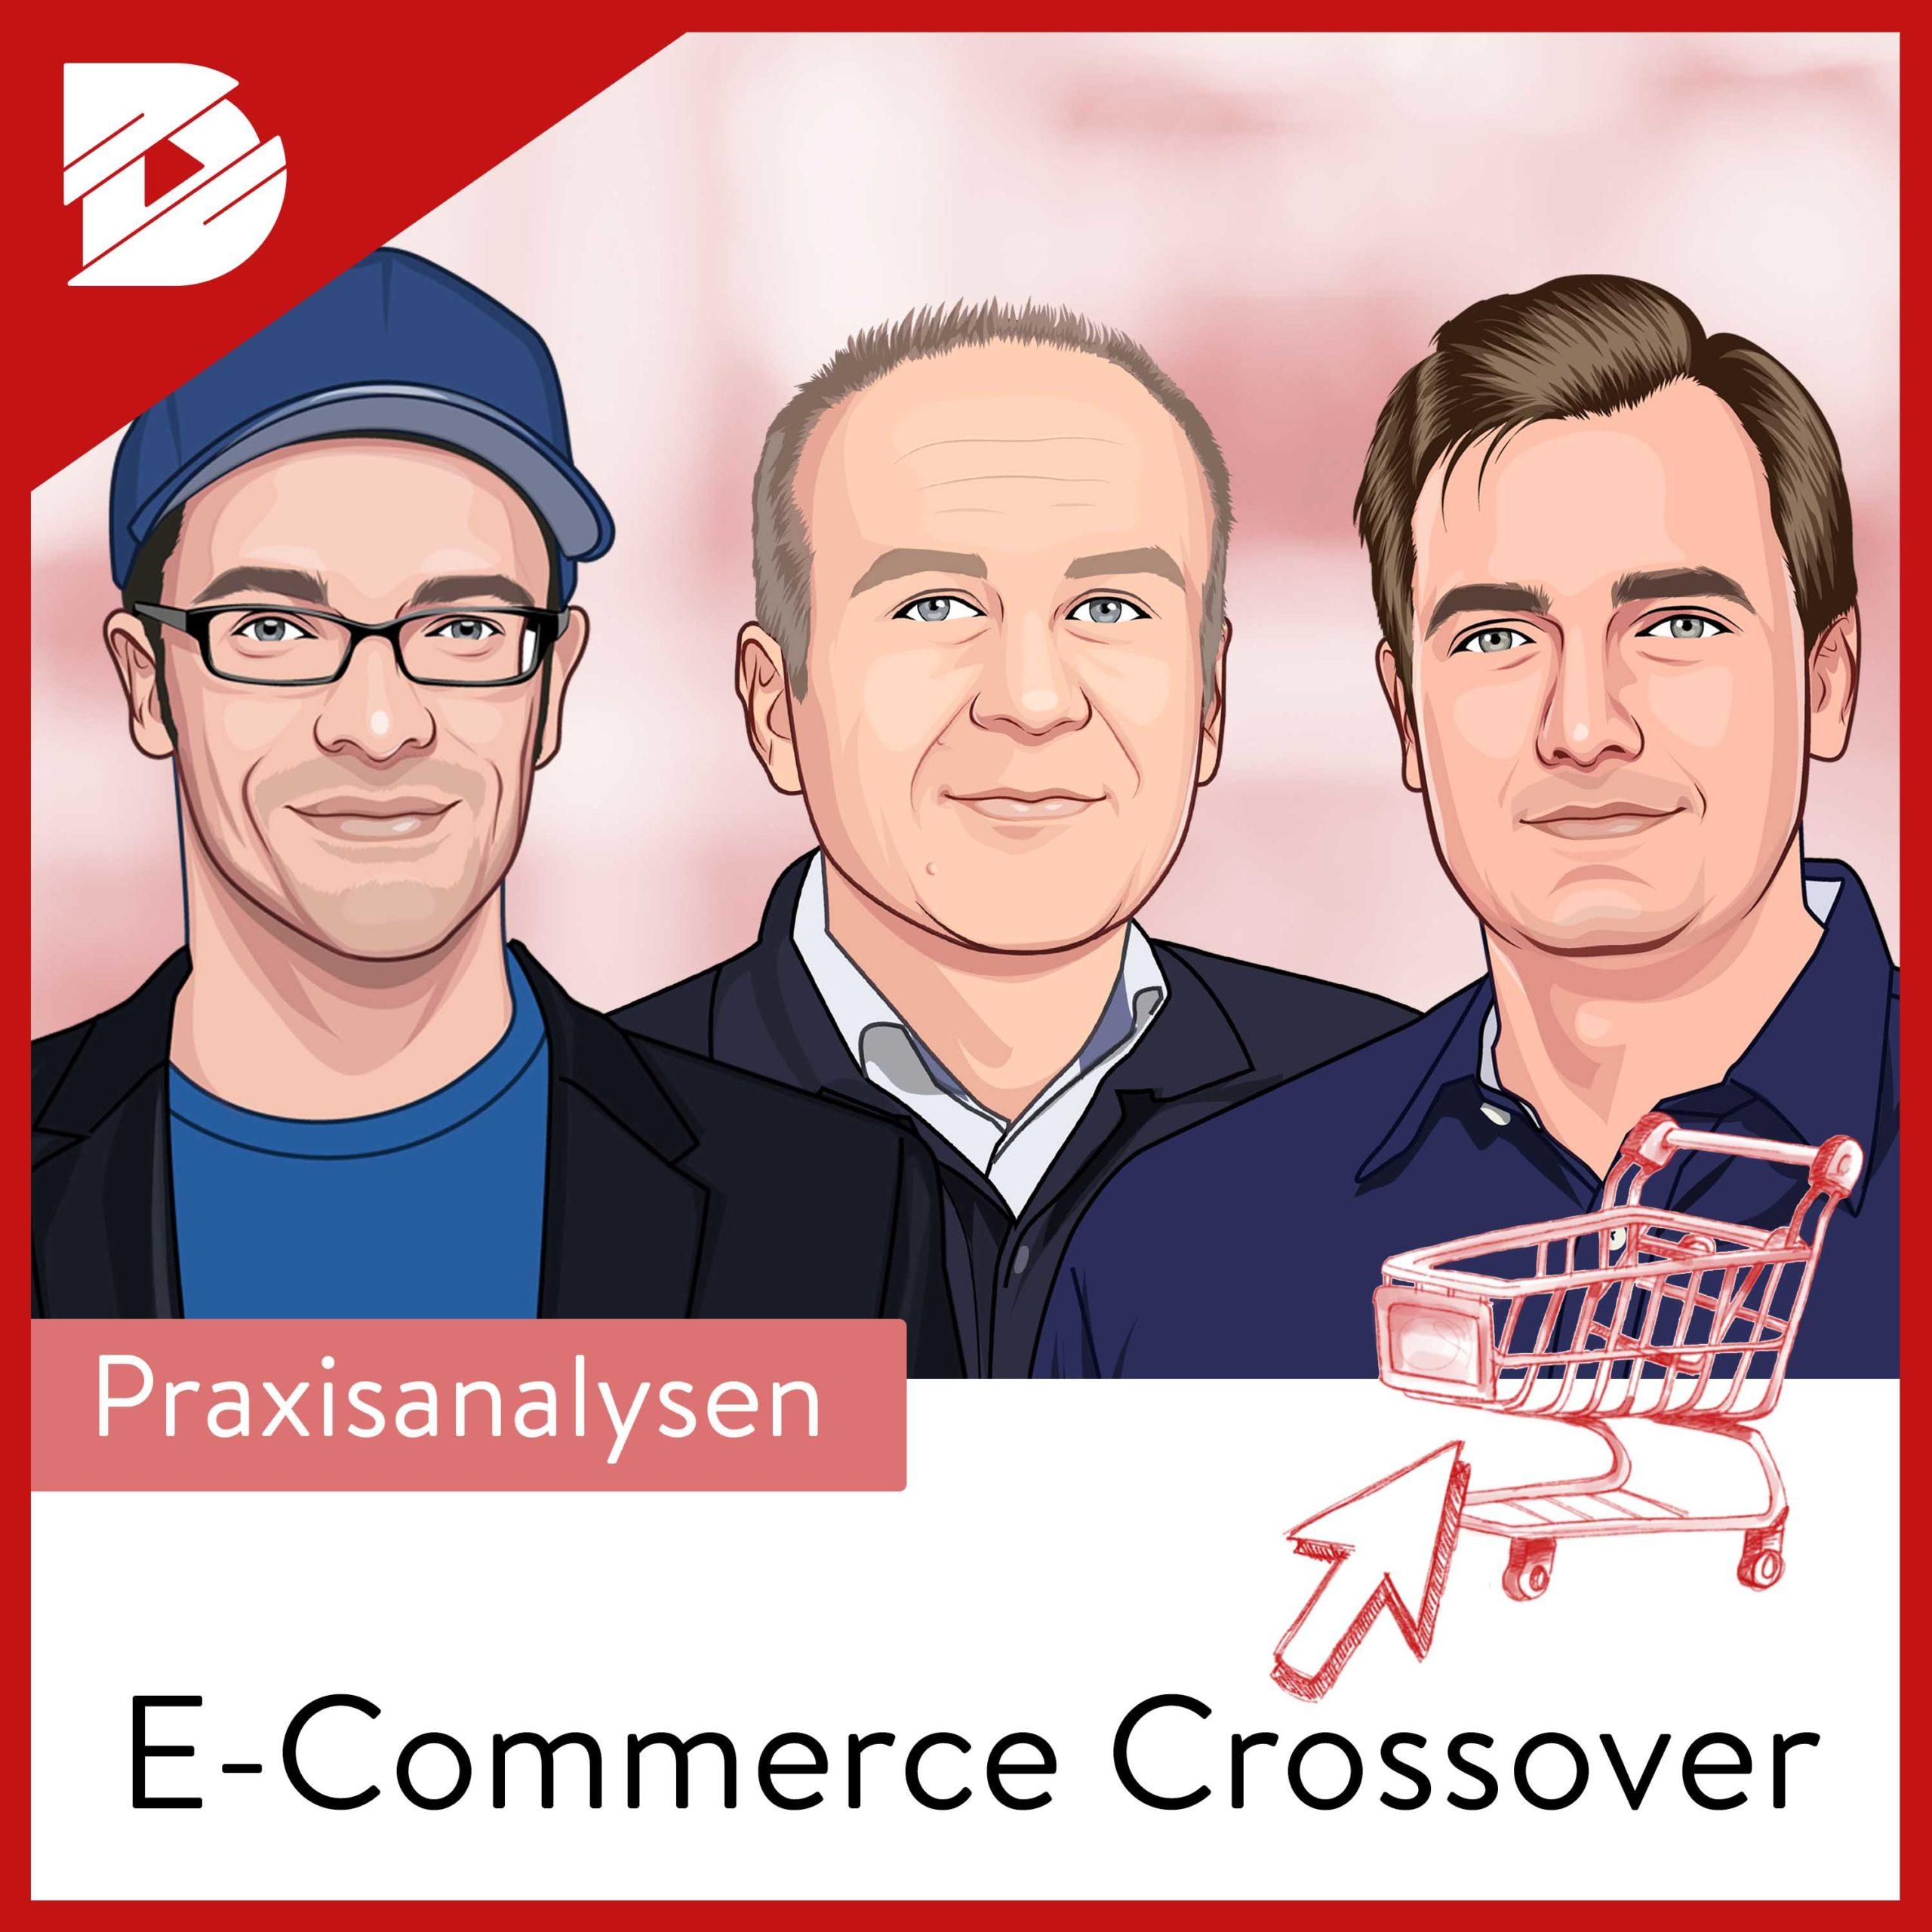 E-Commerce Crossover